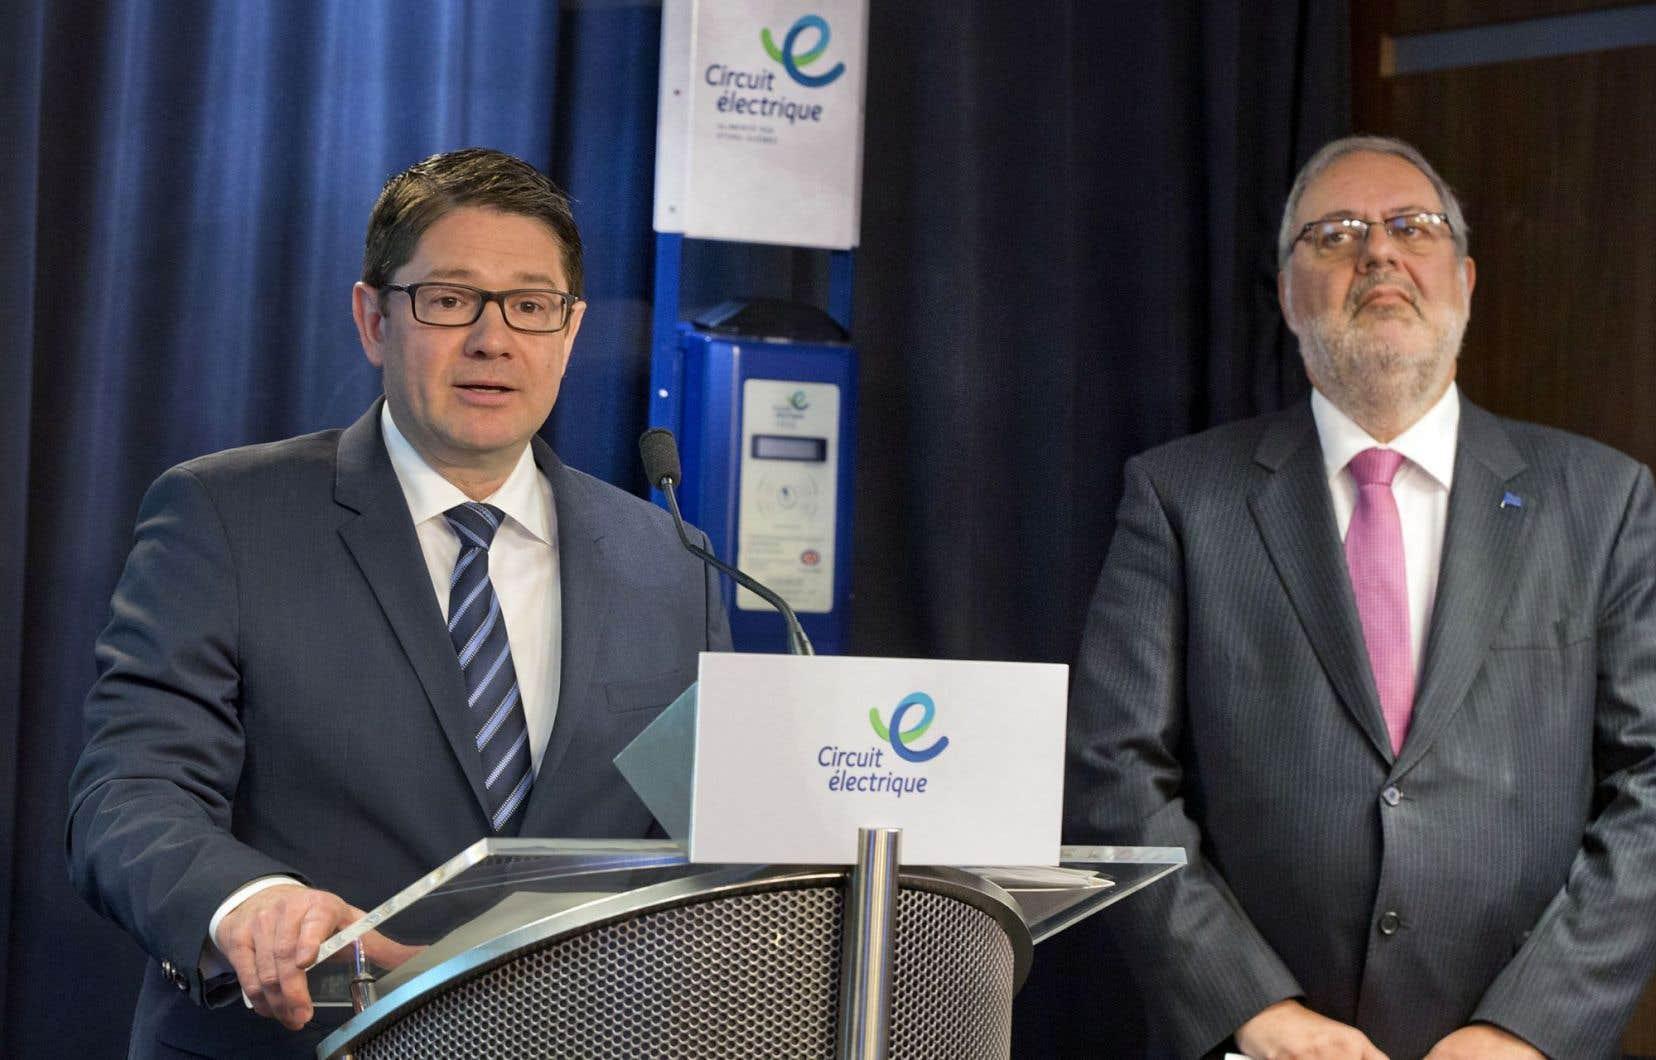 Le président-directeur général d'Hydro-Québec, Éric Martel, et le ministre de l'Énergie, Pierre Arcand, ont annoncé lundi l'implantation de 22 nouvelles bornes de recharge de Circuit électrique dans la région d'Ottawa.